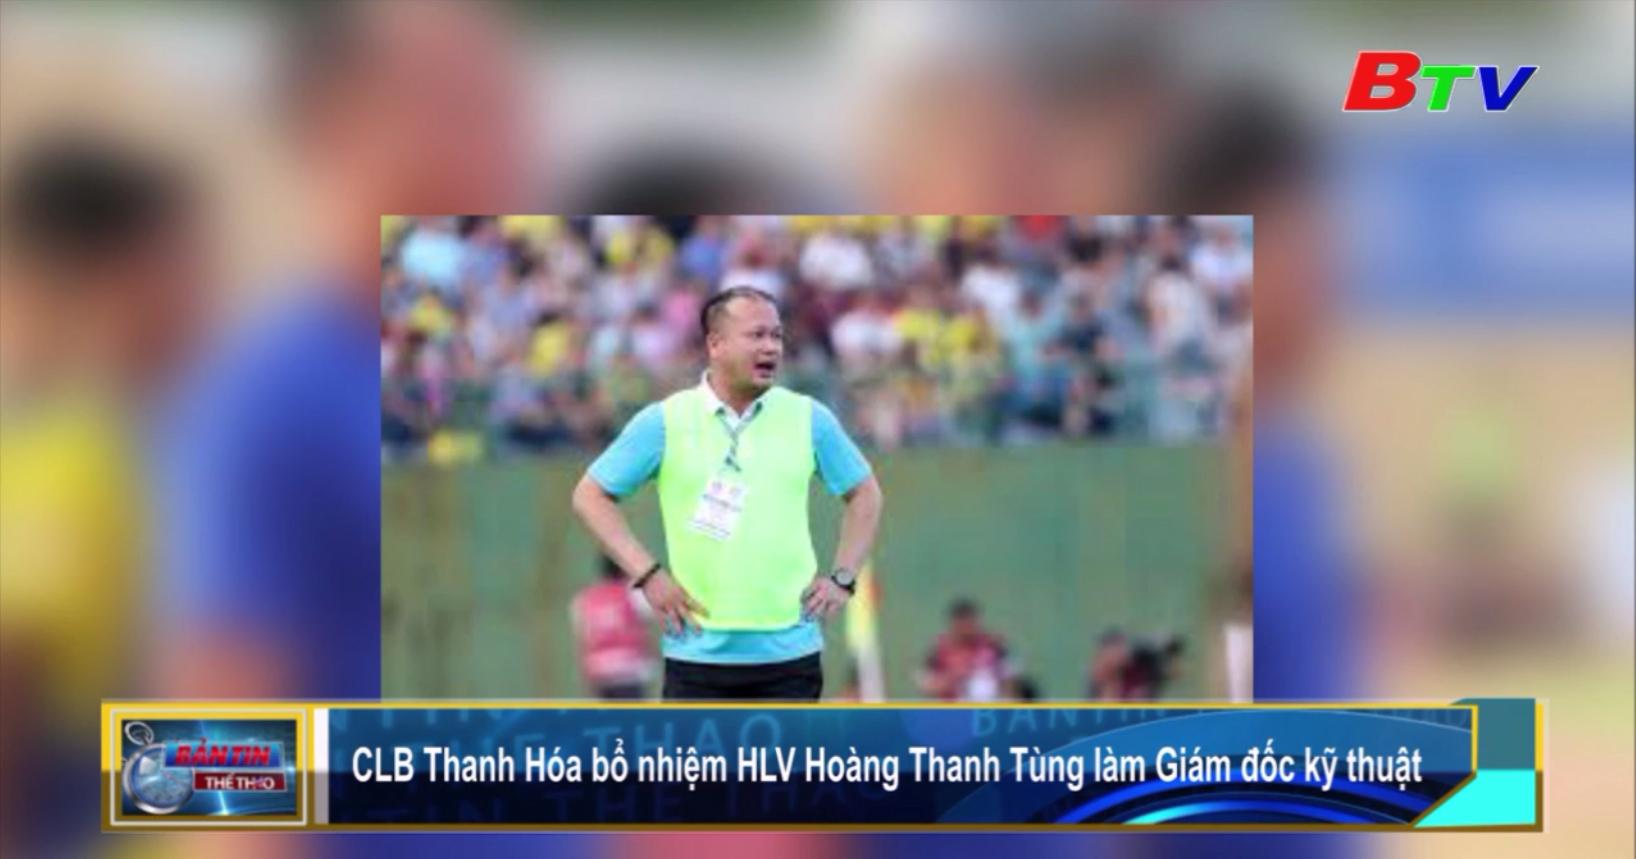 CLB Thanh Hóa bổ nhiệm HLV Hoàng Thanh Tùng làm Giám đốc kỹ thuật